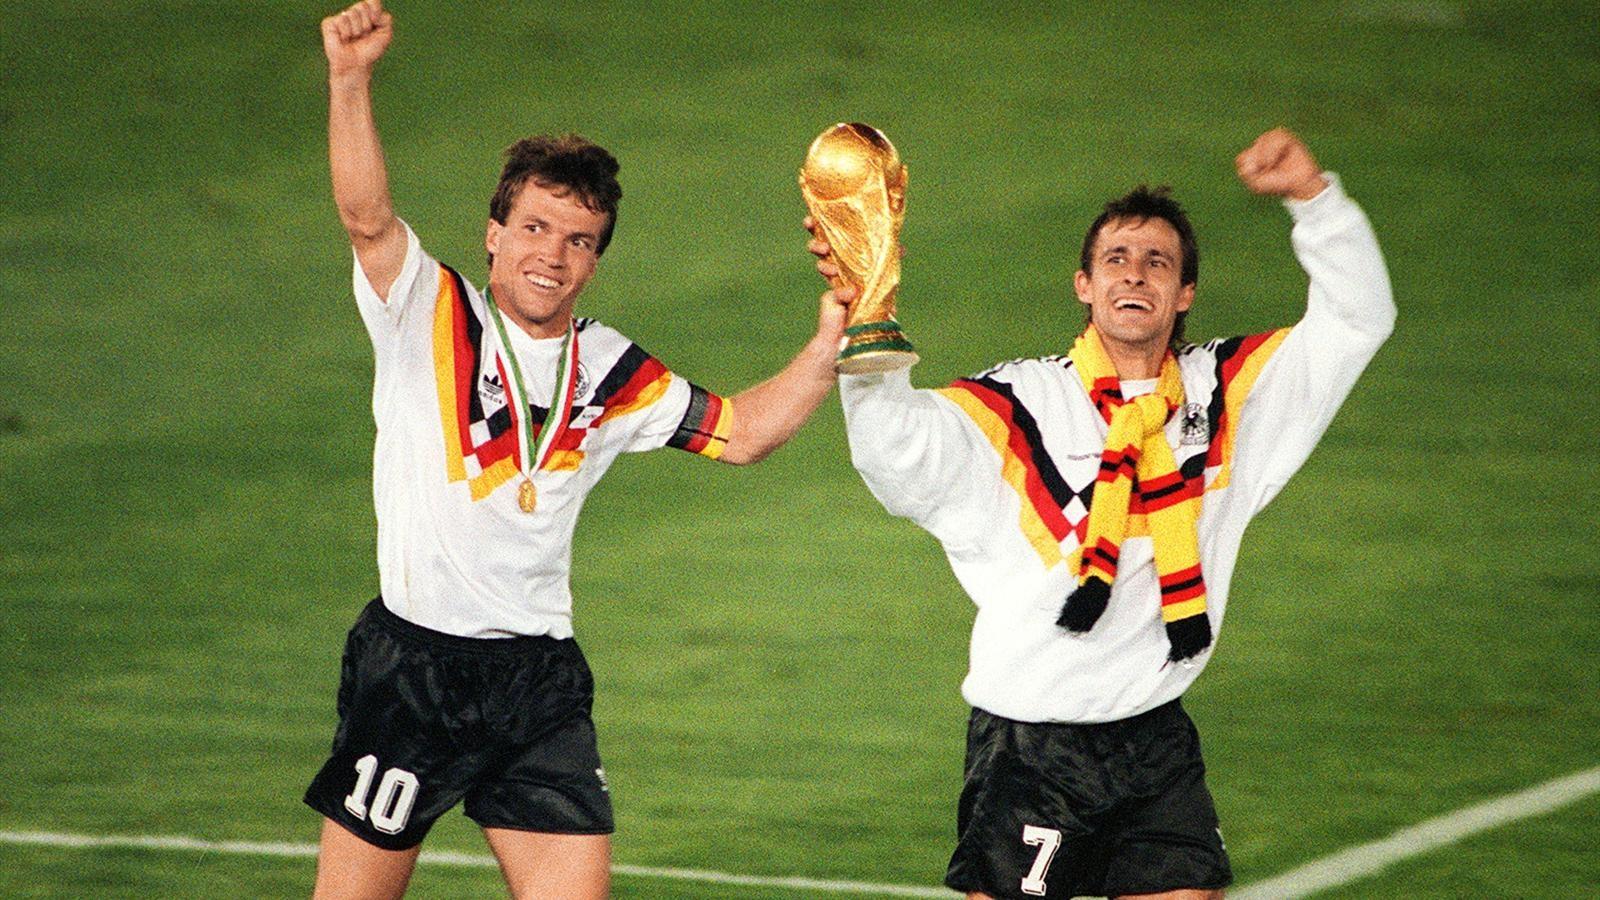 Quizz la coupe du monde de football 1990 quiz football coupe du monde - Coupe du monde football 1994 ...